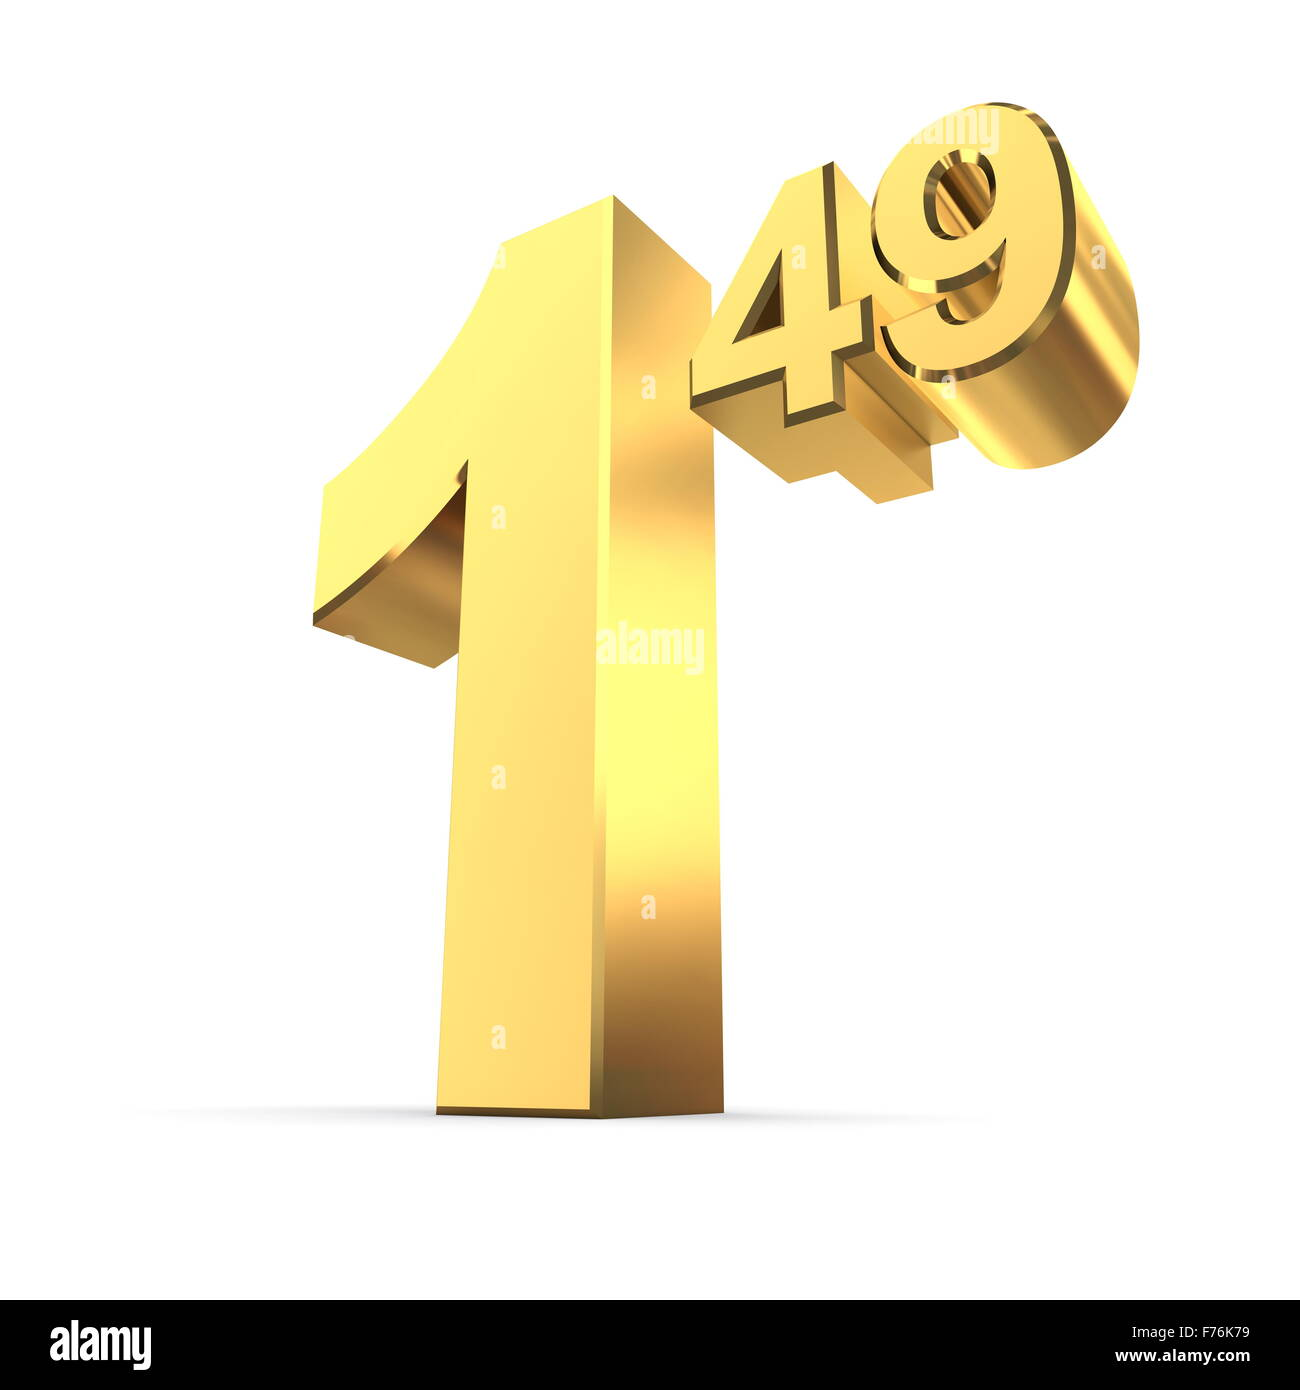 Número de etiqueta de precio sólido 1.49 - Oro brillante Imagen De Stock